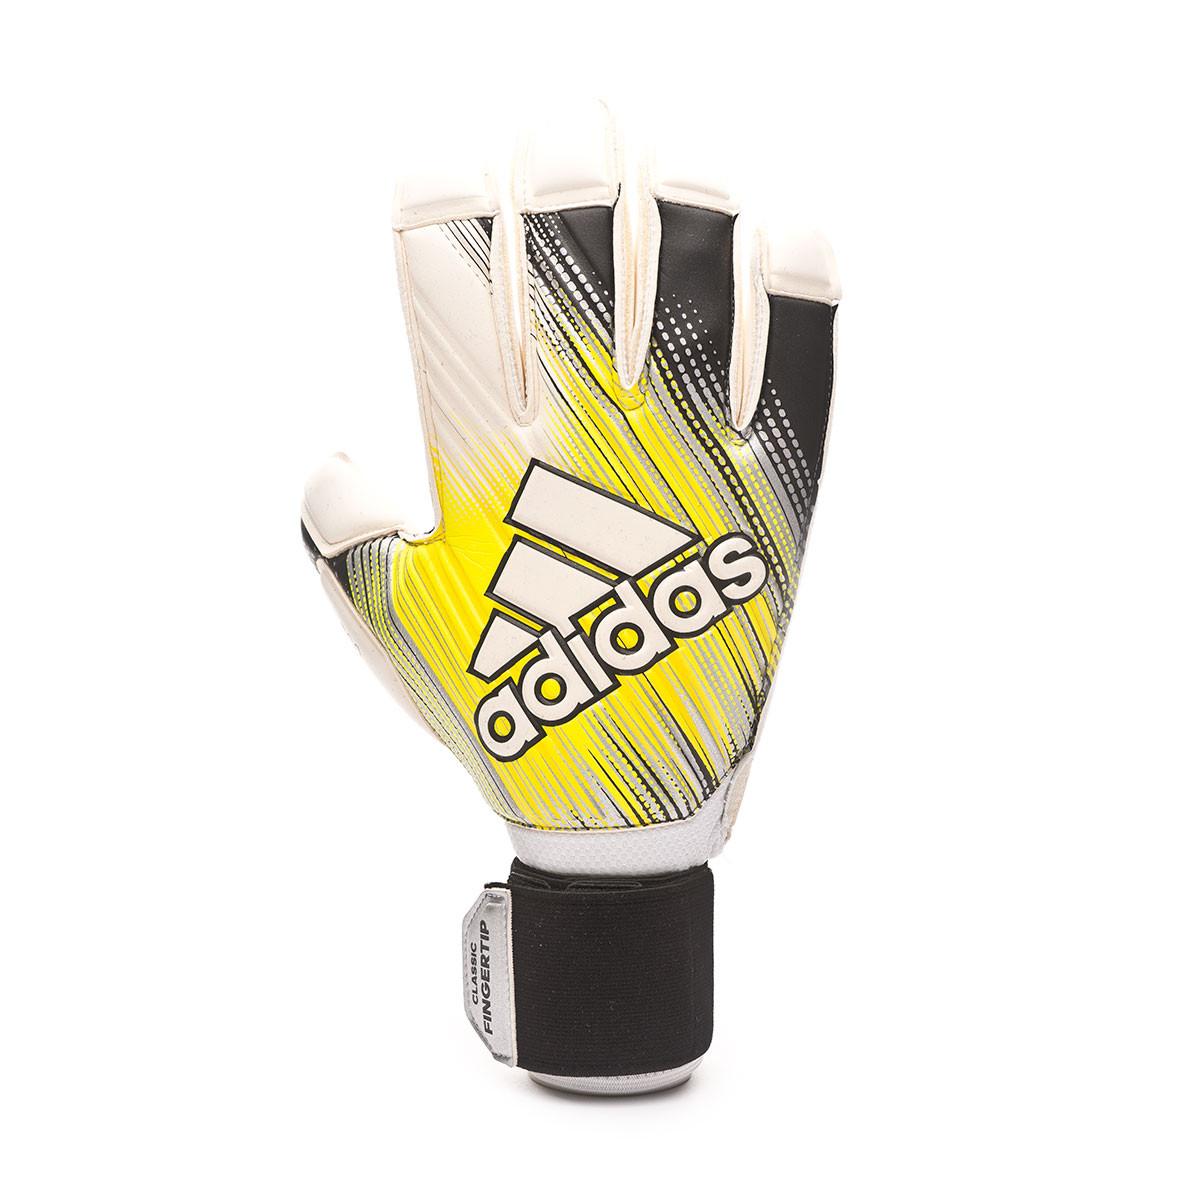 Adidas Predator Pro Classic Soccer Goalkeeper Gloves (BlackWhite)